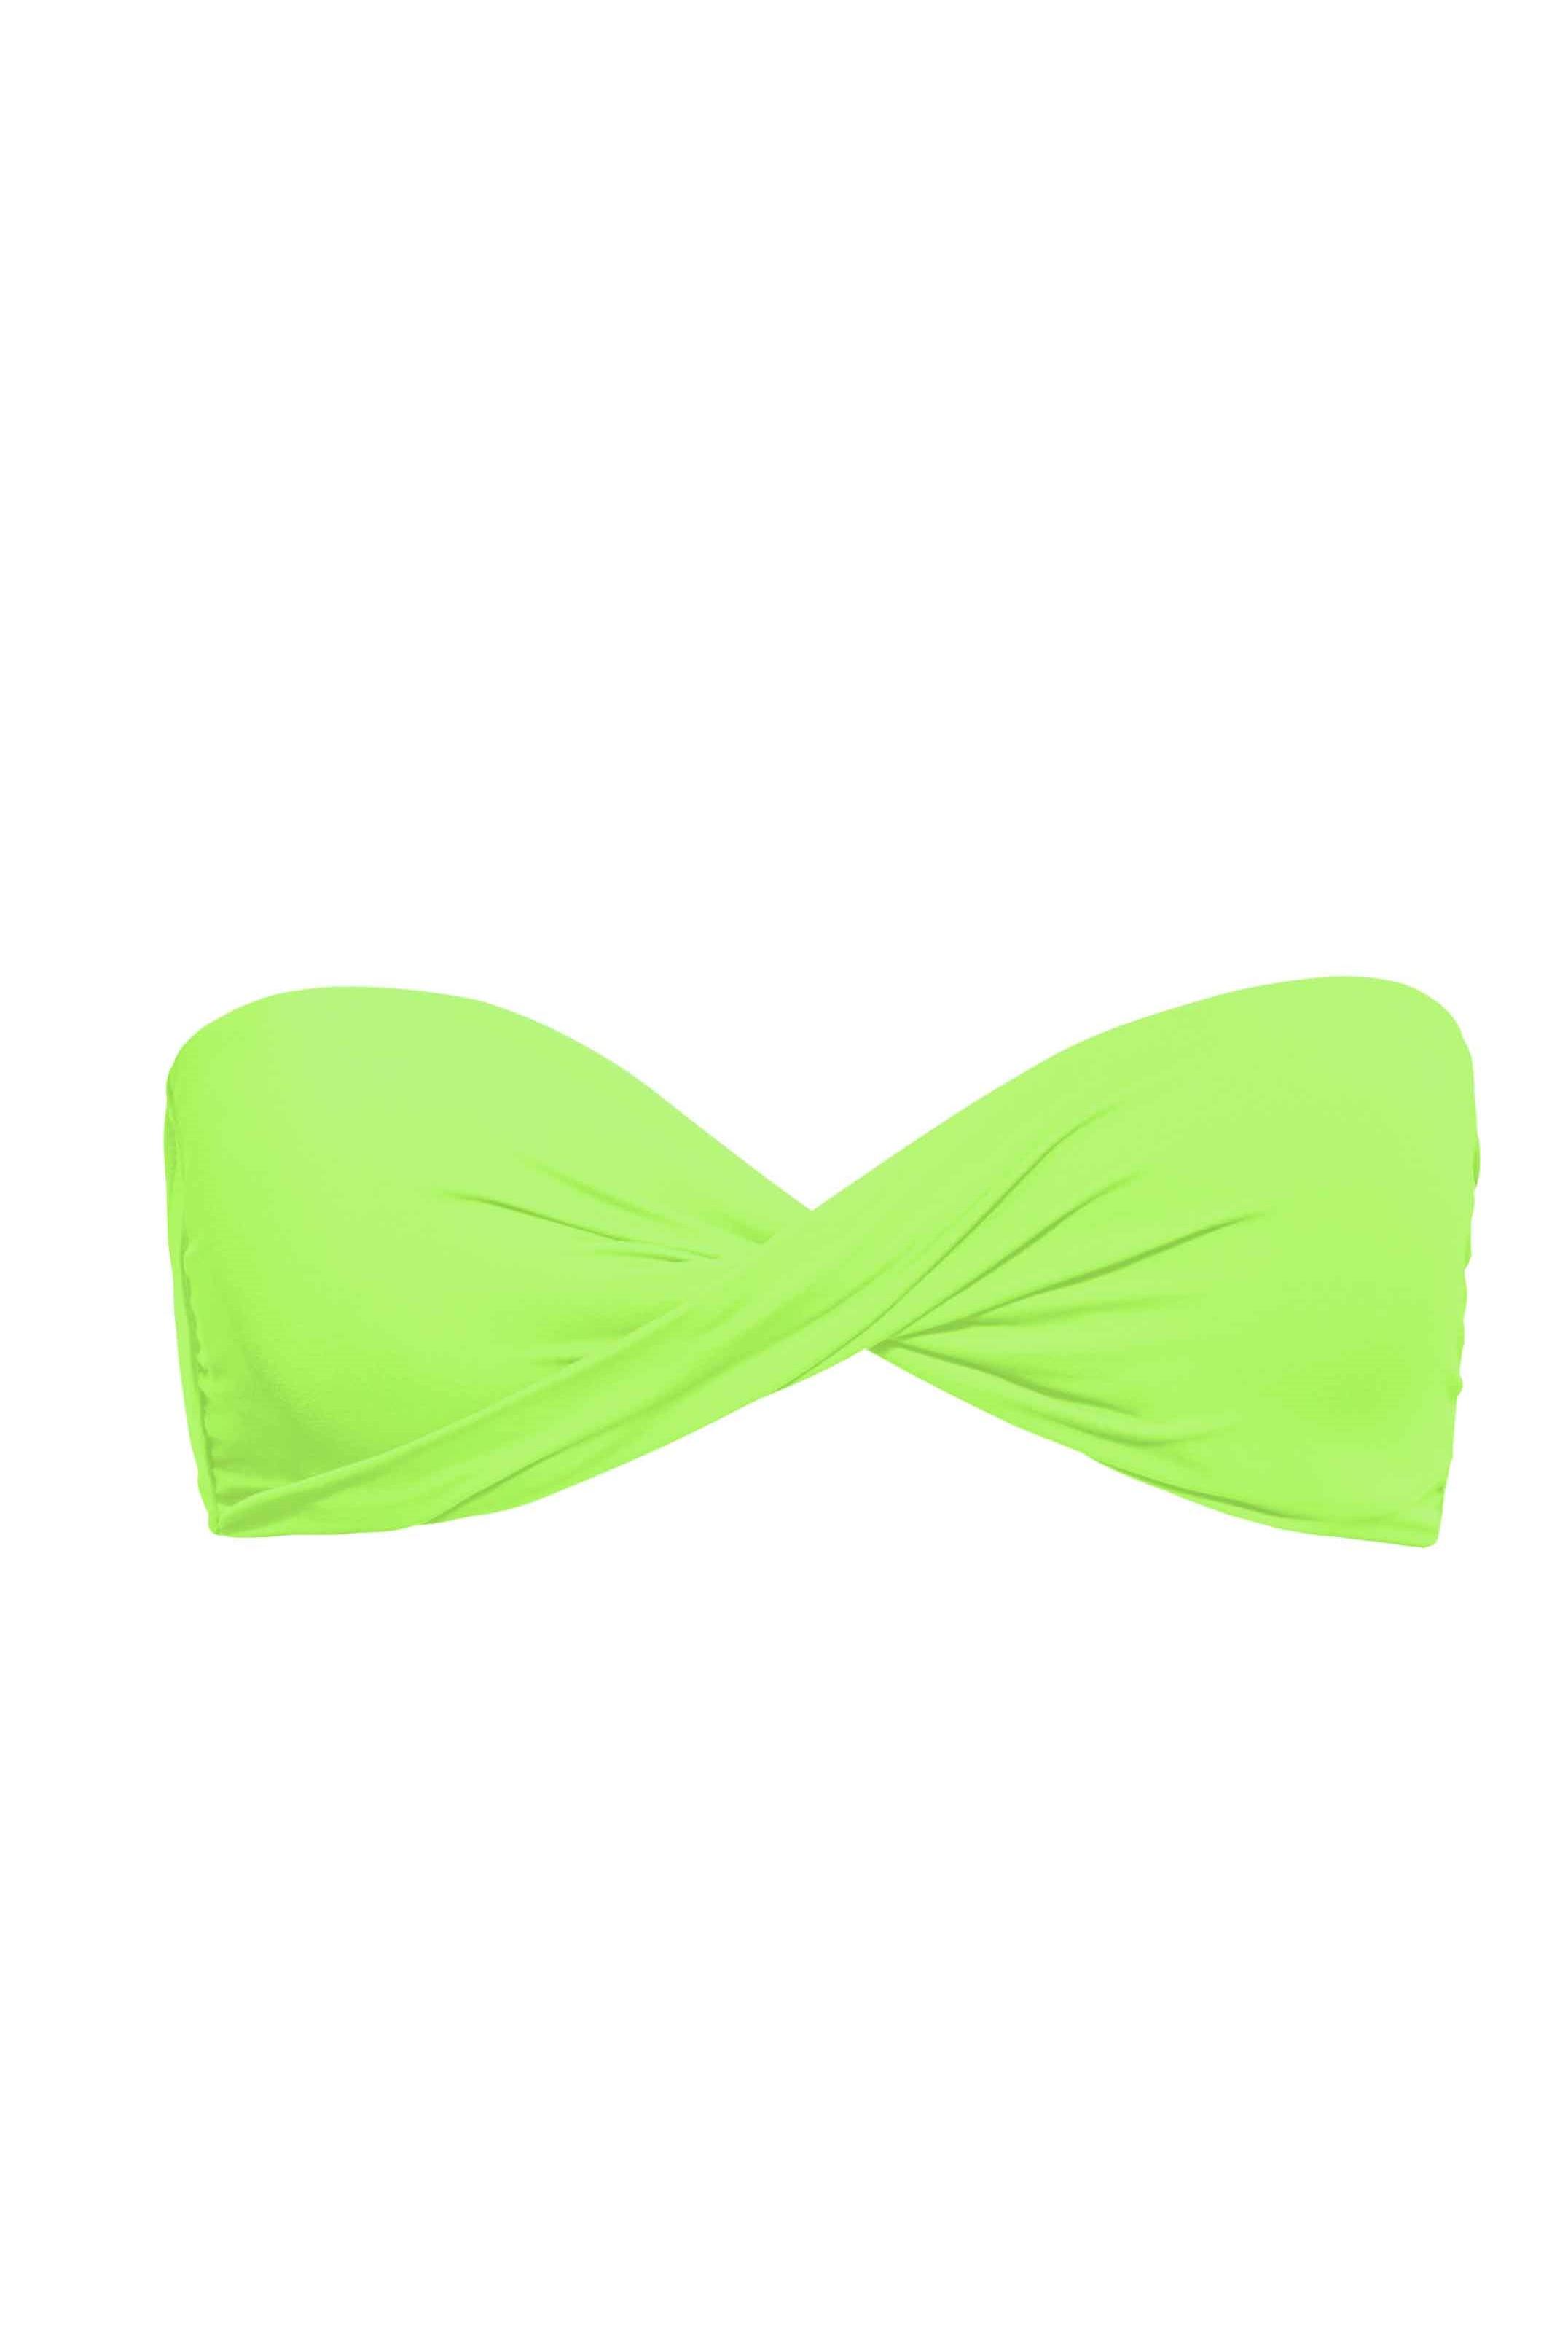 Phax Color Mix Twist Bandeau Haut de Maillot de bain Vert Fluo